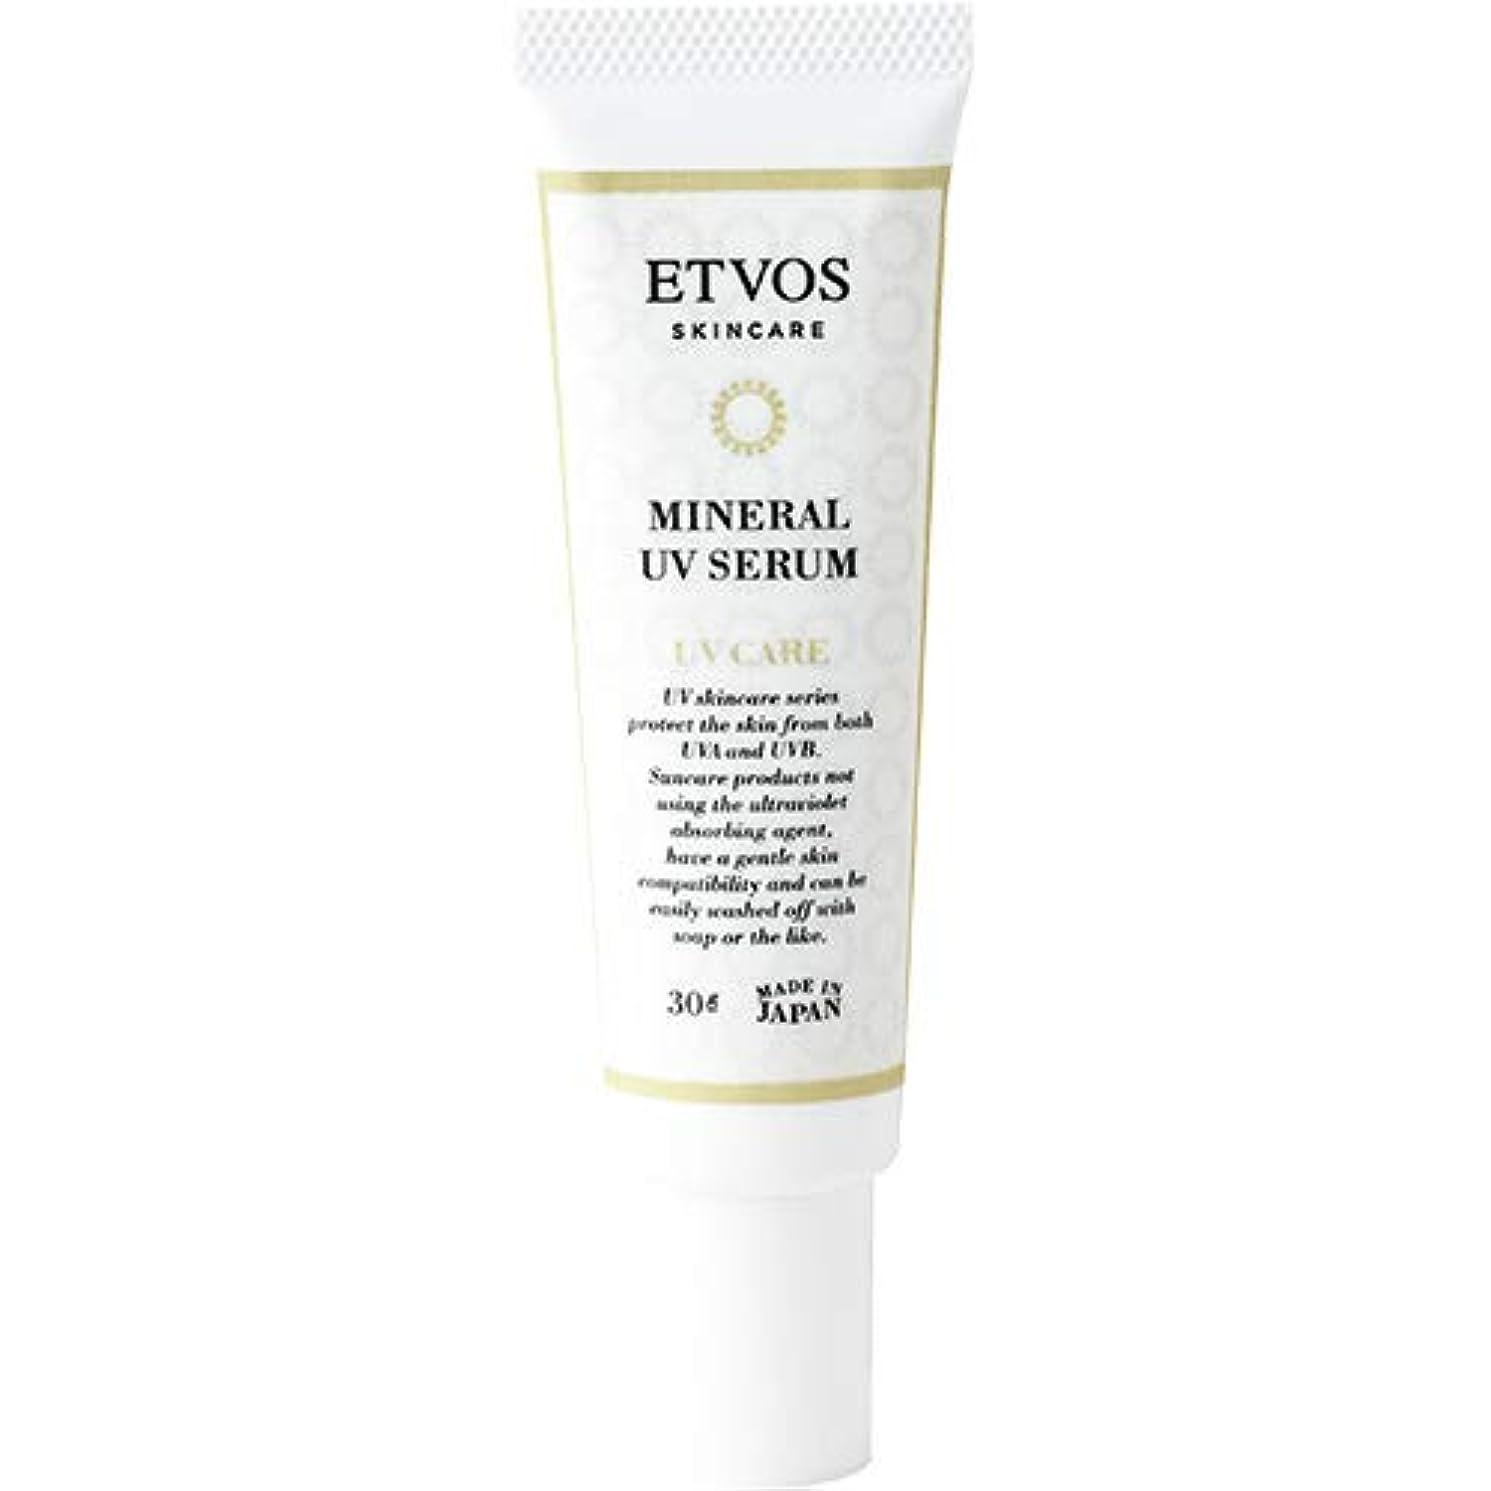 黄ばむ演劇クックETVOS(エトヴォス) 日焼け止め美容液 ミネラルUVセラム SPF35/PA+++ 30g 化粧下地 紫外線吸収剤不使用